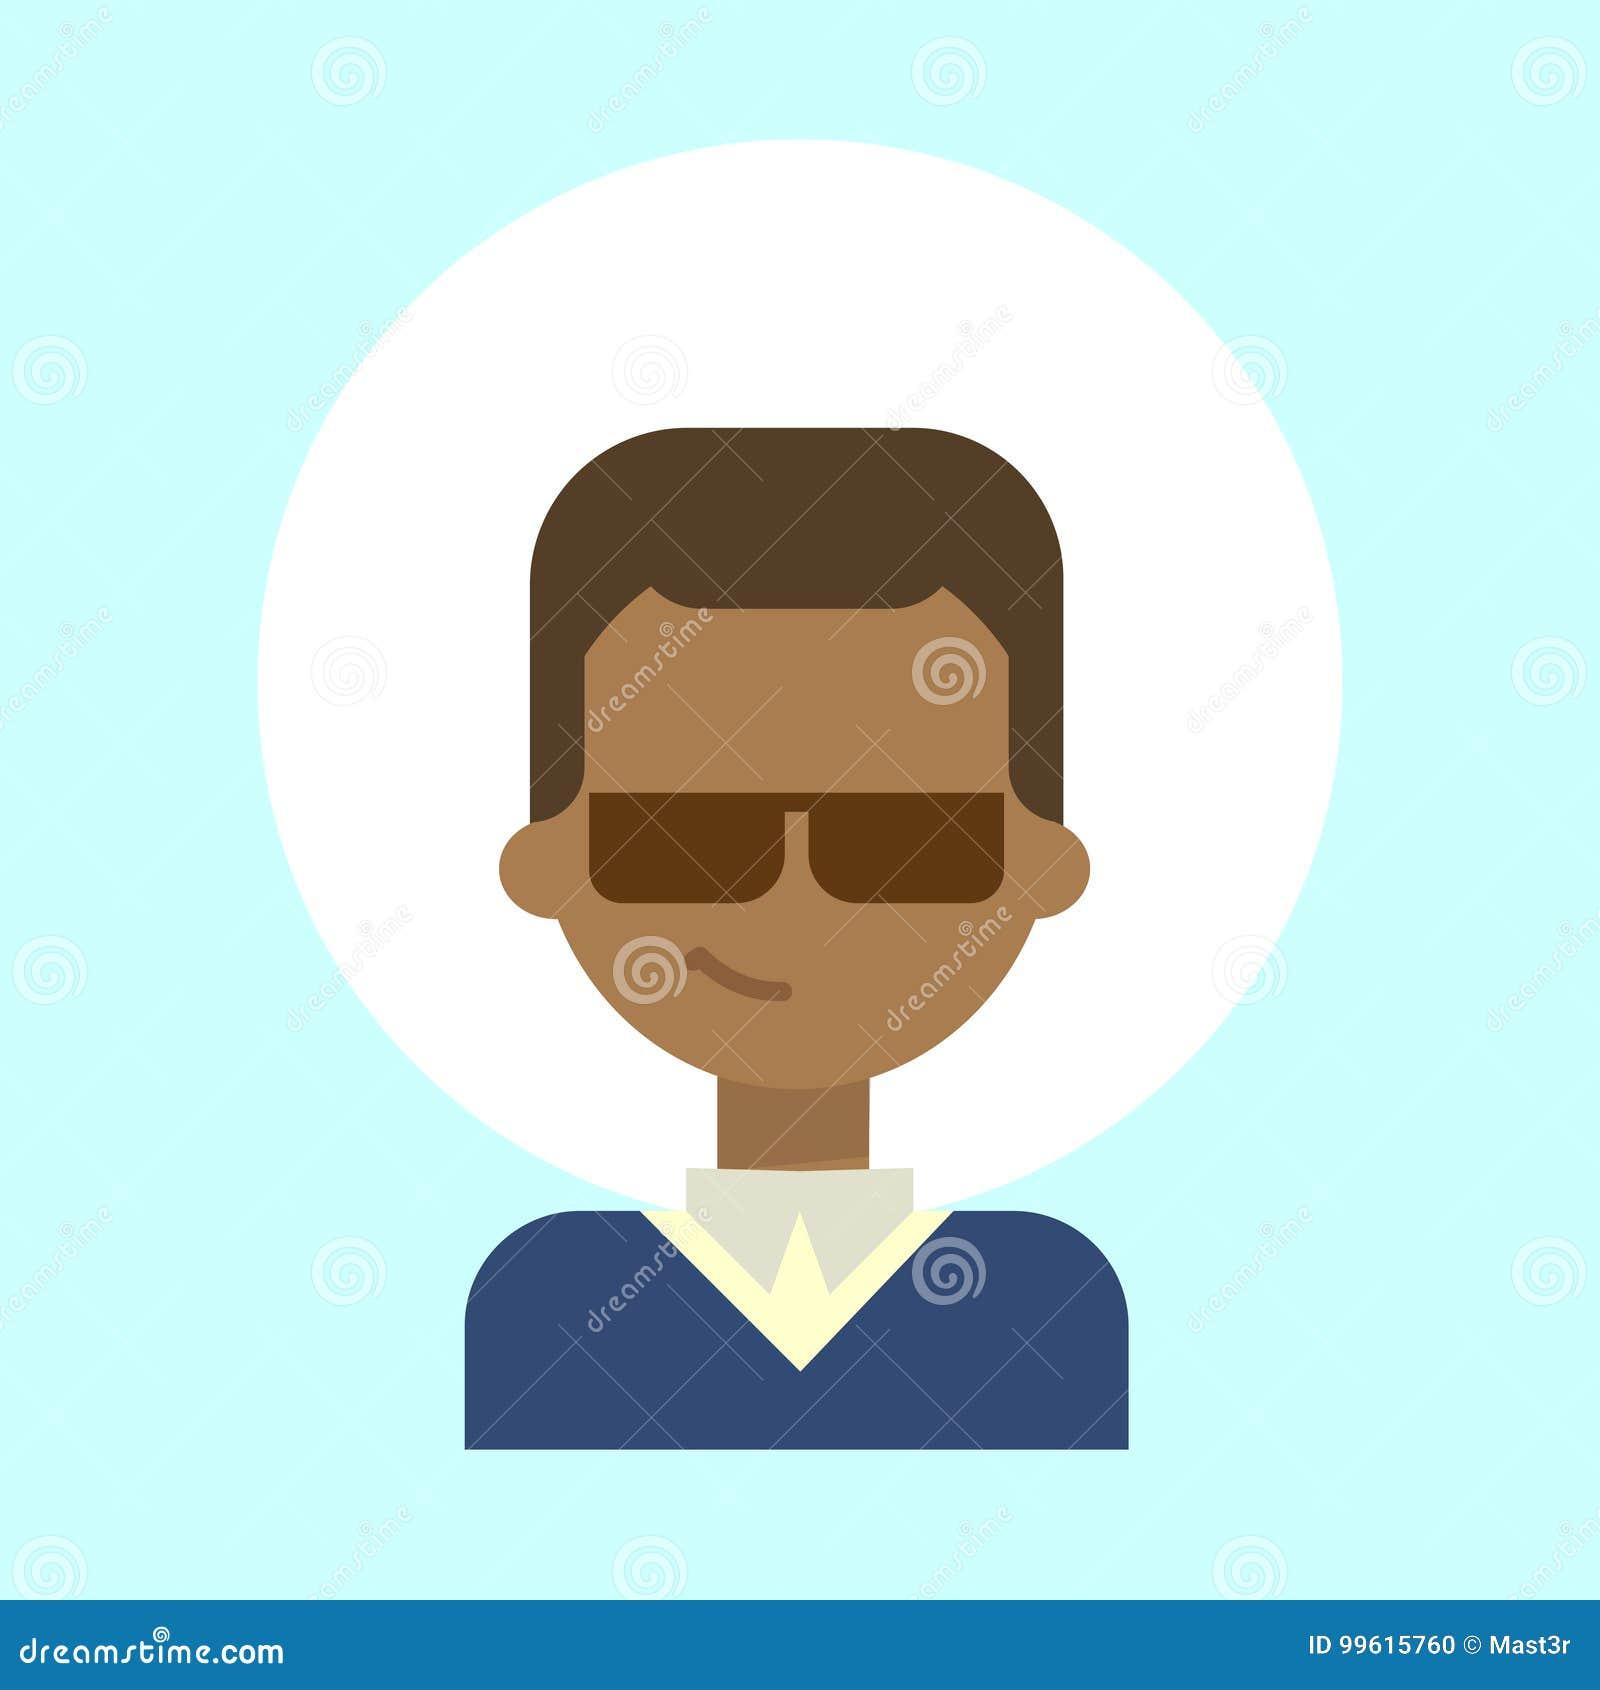 Afroamerikaner-männliche tragende Sonnenbrille-Gefühl-Profil-Ikone, Mann-Karikatur-Porträt-glückliches lächelndes Gesicht